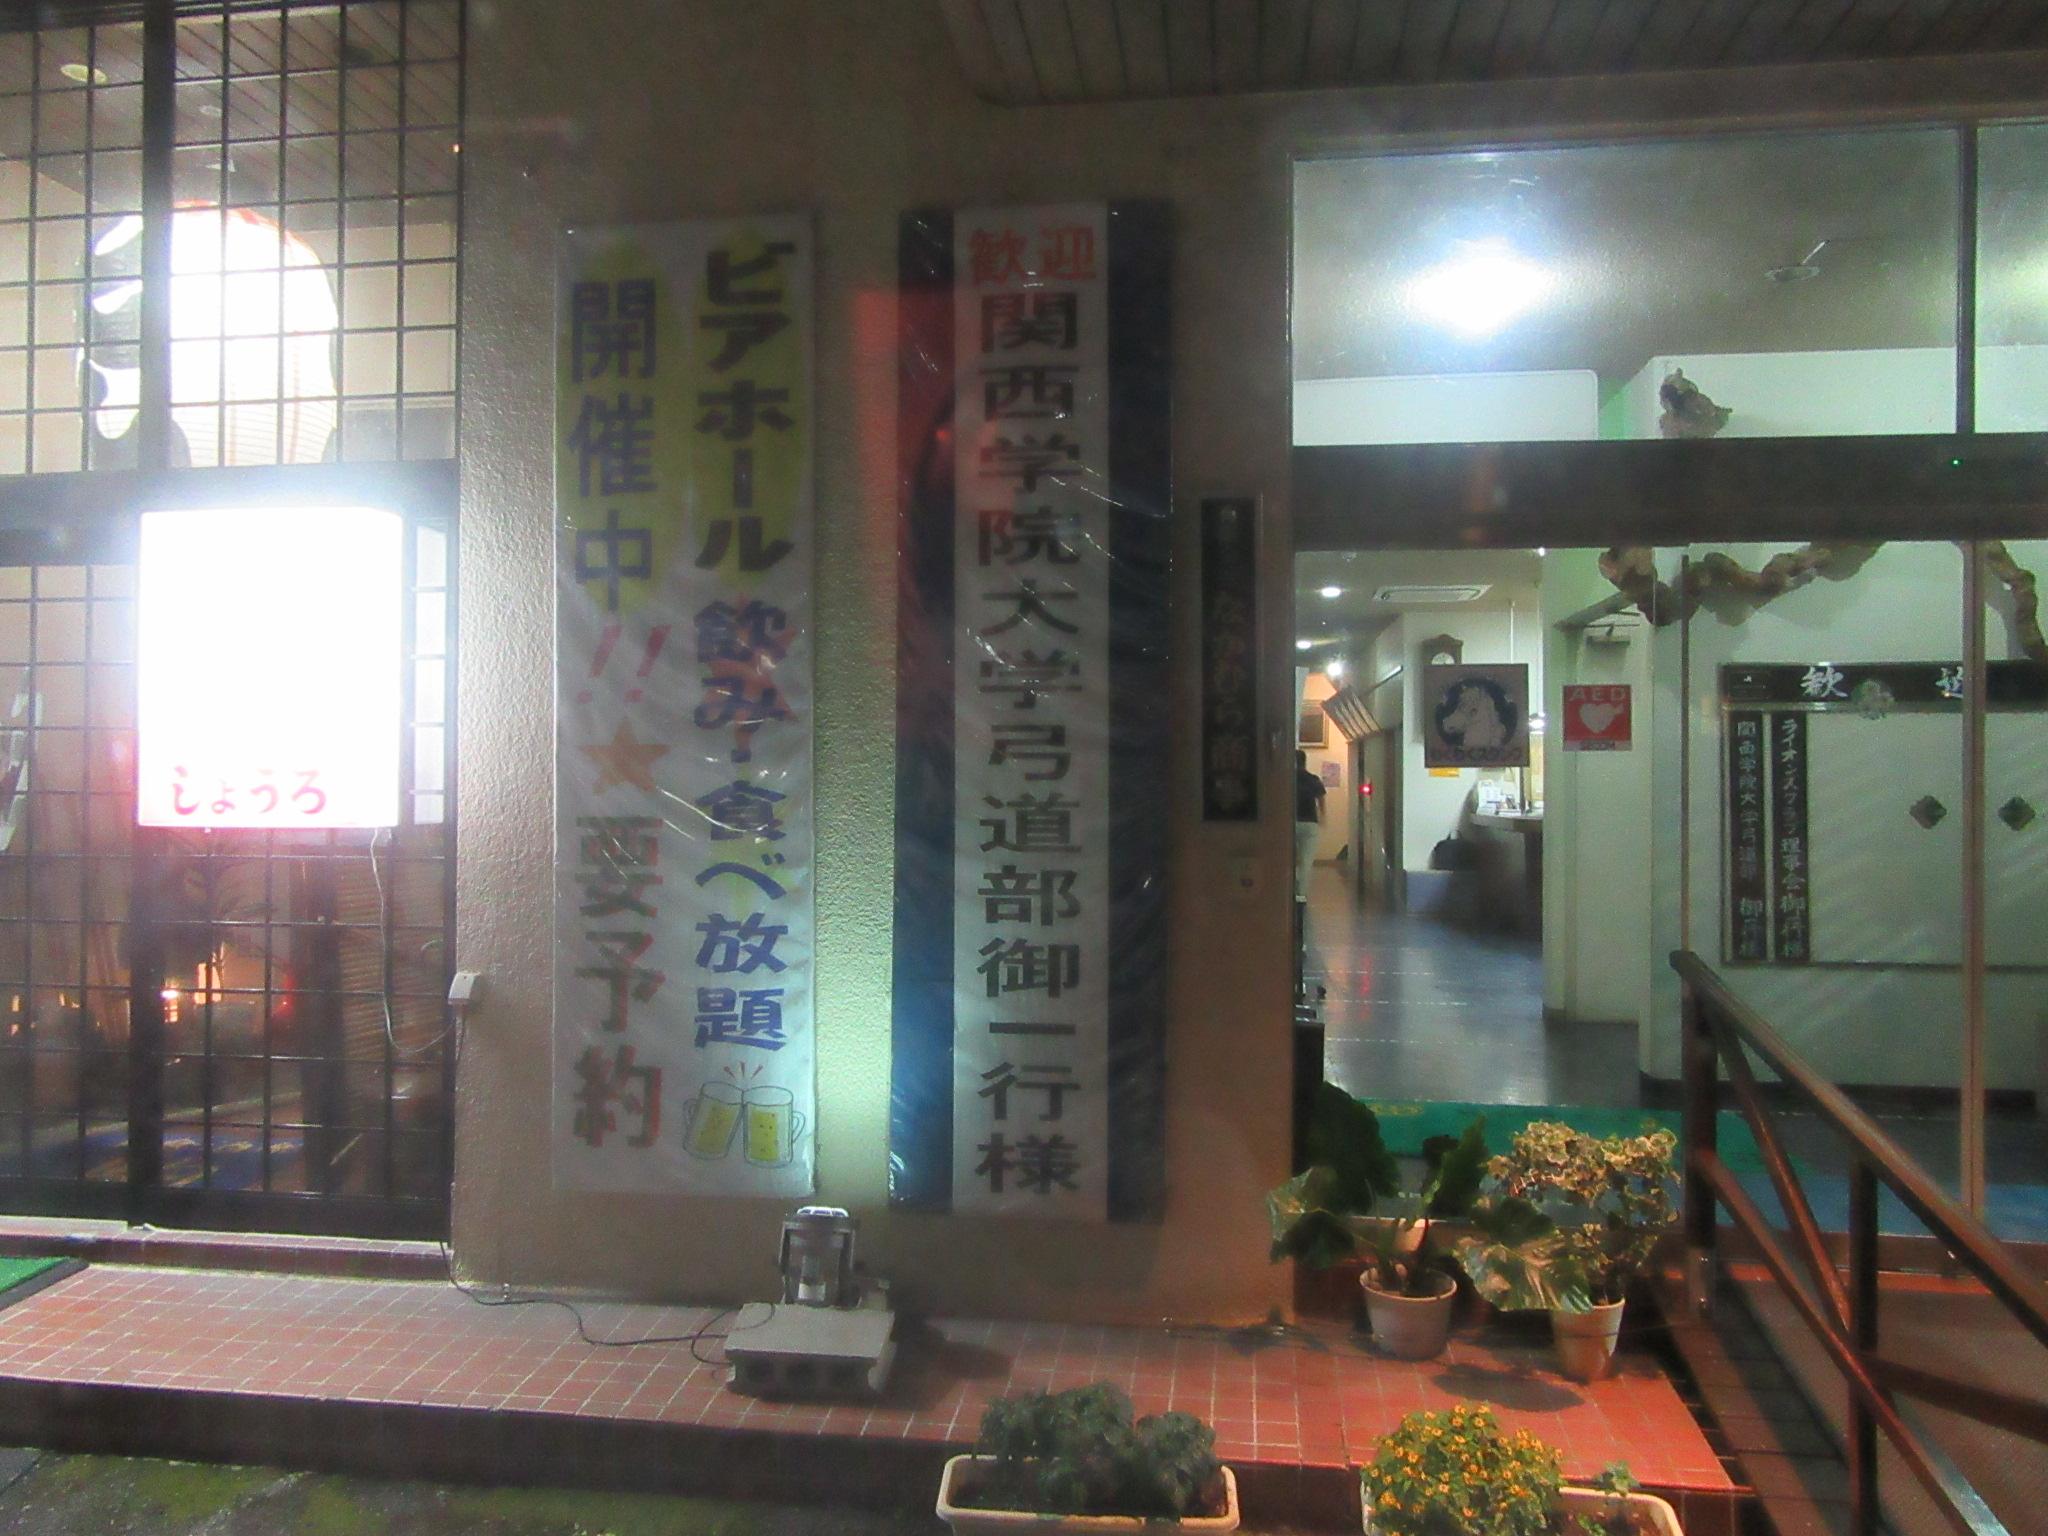 宿舎と道場は徒歩で15分程度ですが、中村荘さんがマイクロバスで何度も往復して下さいました